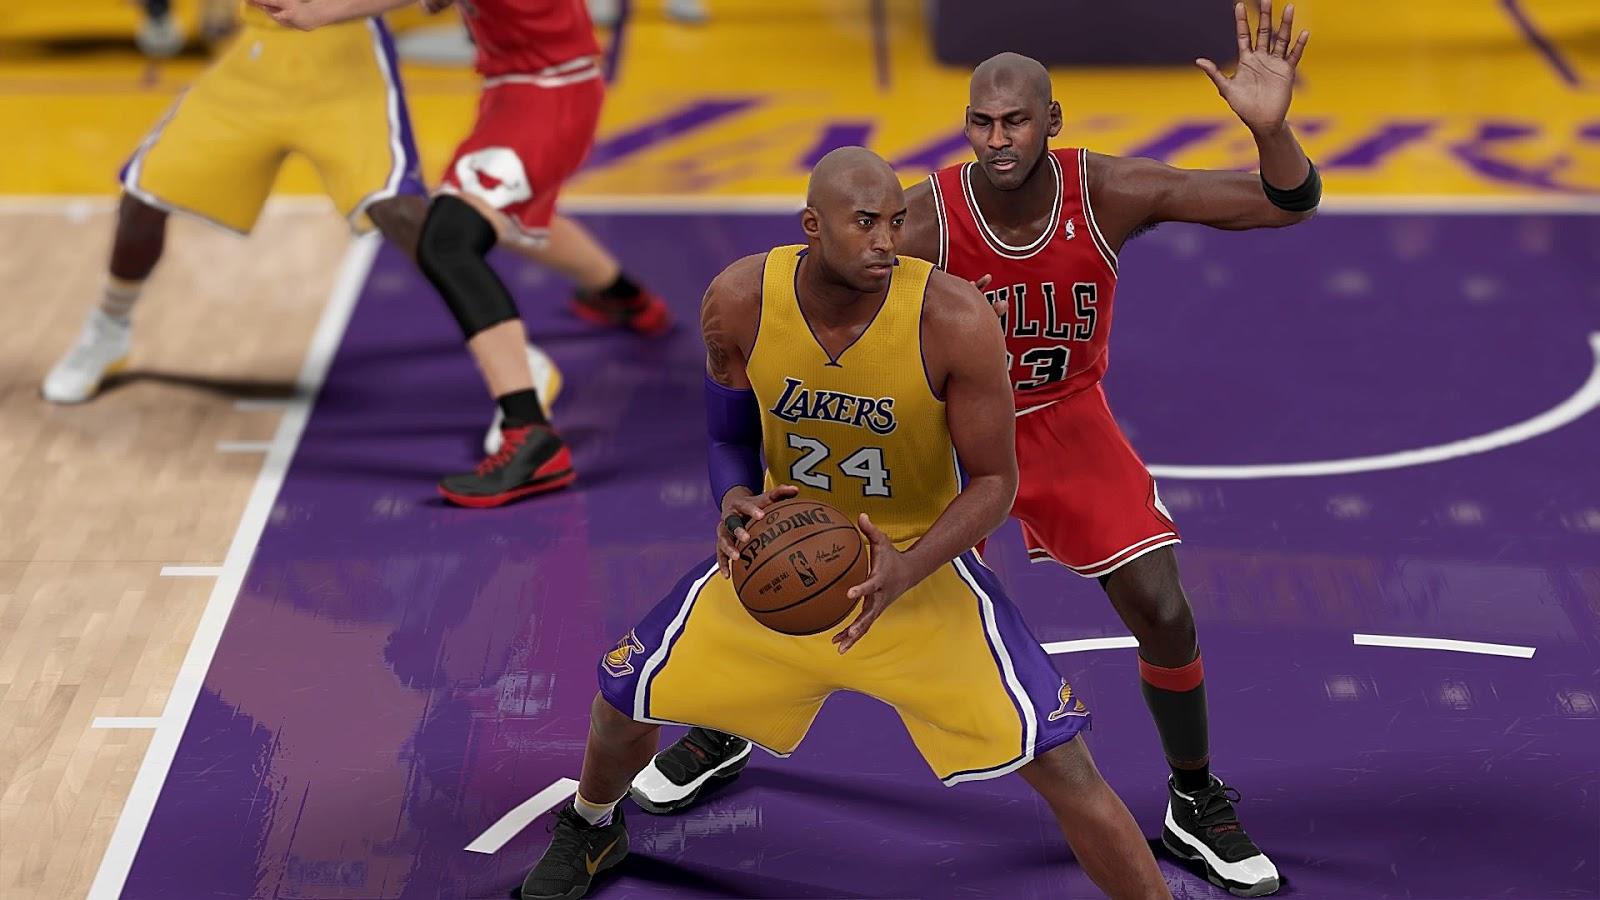 Nba 2k17 Wallpapers: NBA 2K17 Free Download Pc Game Full Version